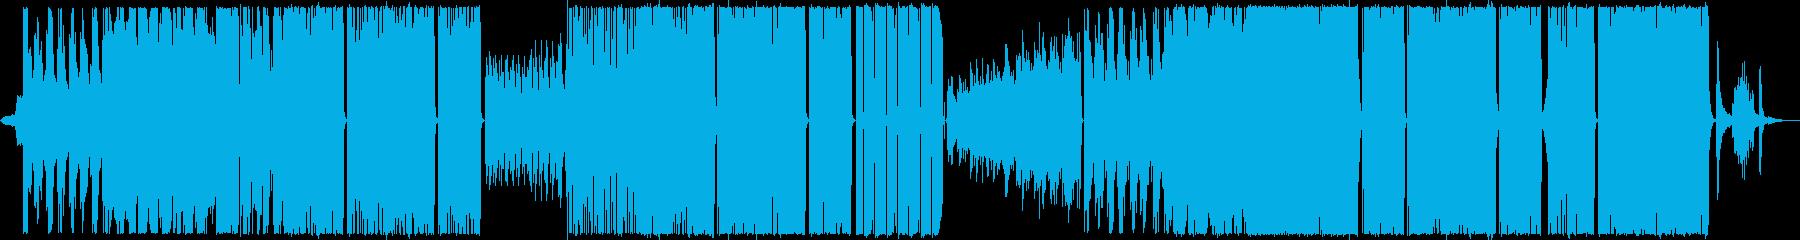 夏の終わりをイメージしたロックの再生済みの波形